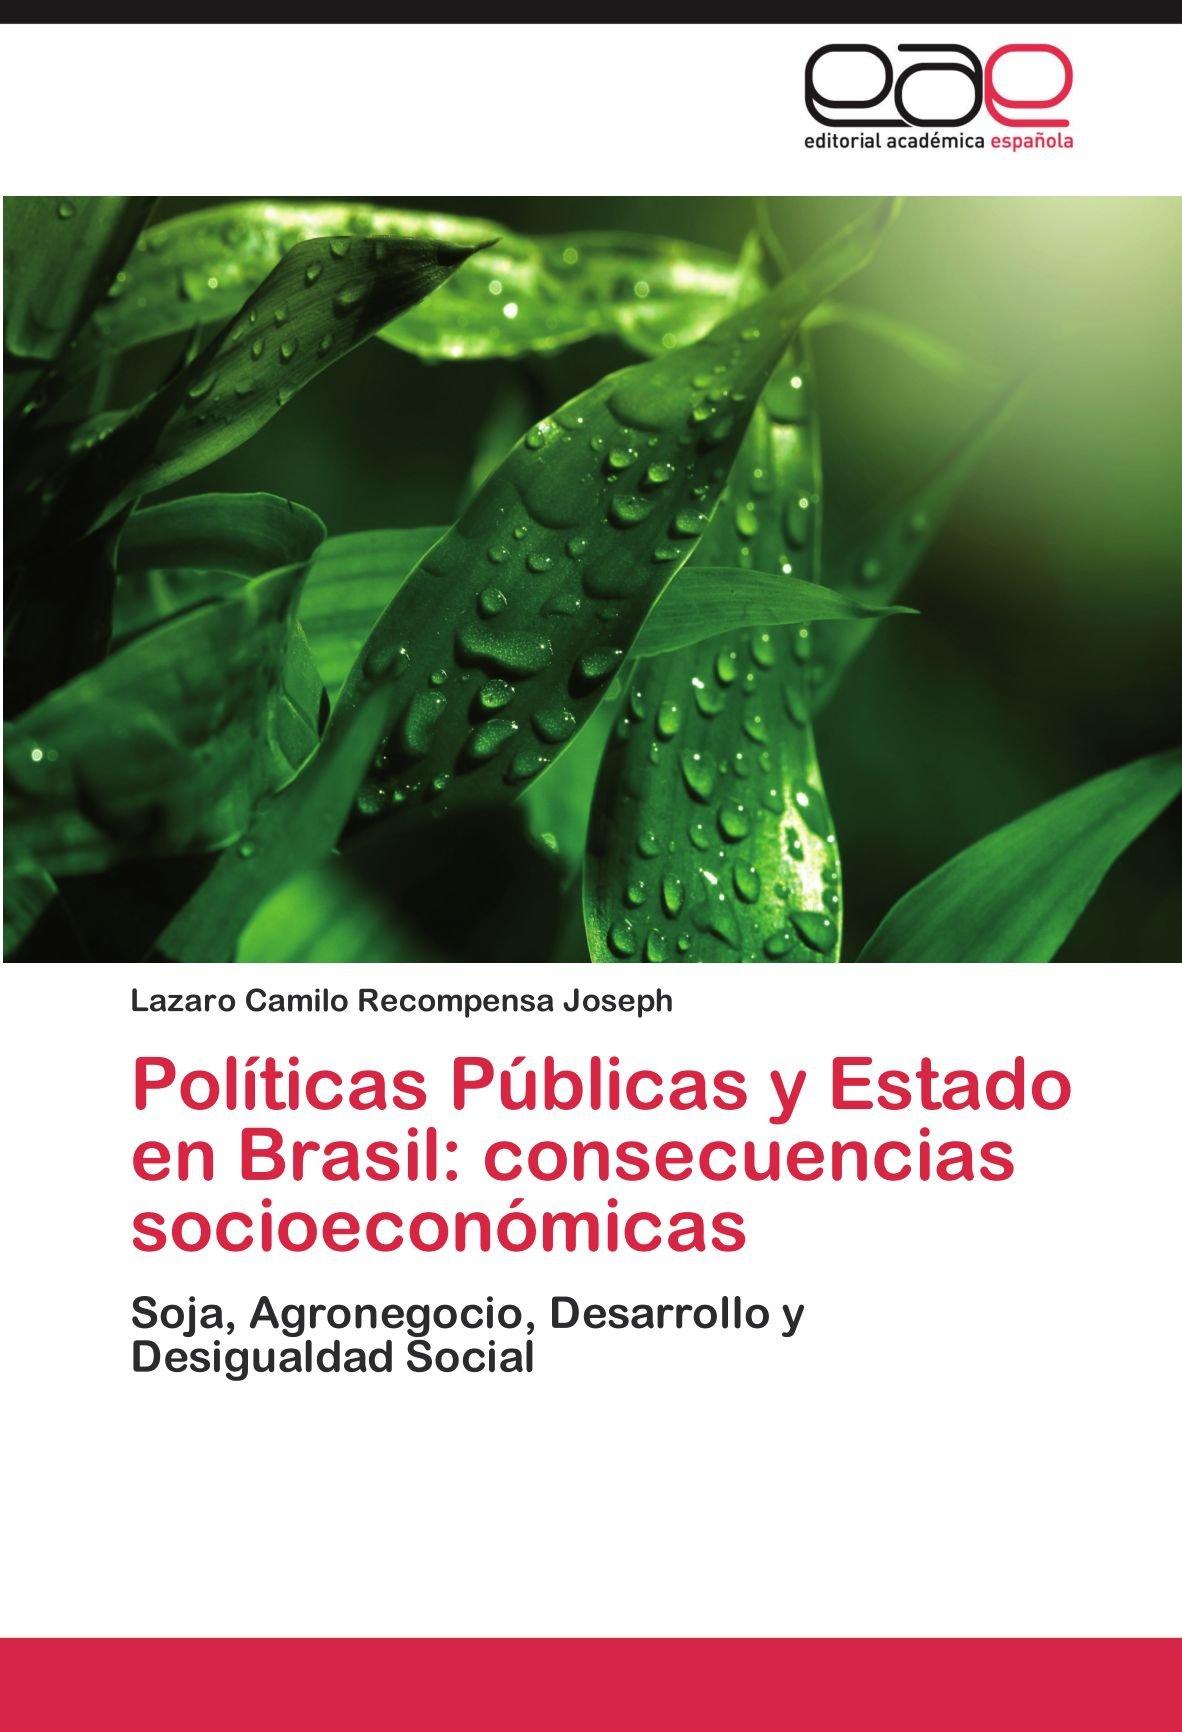 Politicas Publicas y Estado En Brasil: Consecuencias Socioeconomicas: Amazon.es: Recompensa Joseph, Lazaro Camilo: Libros